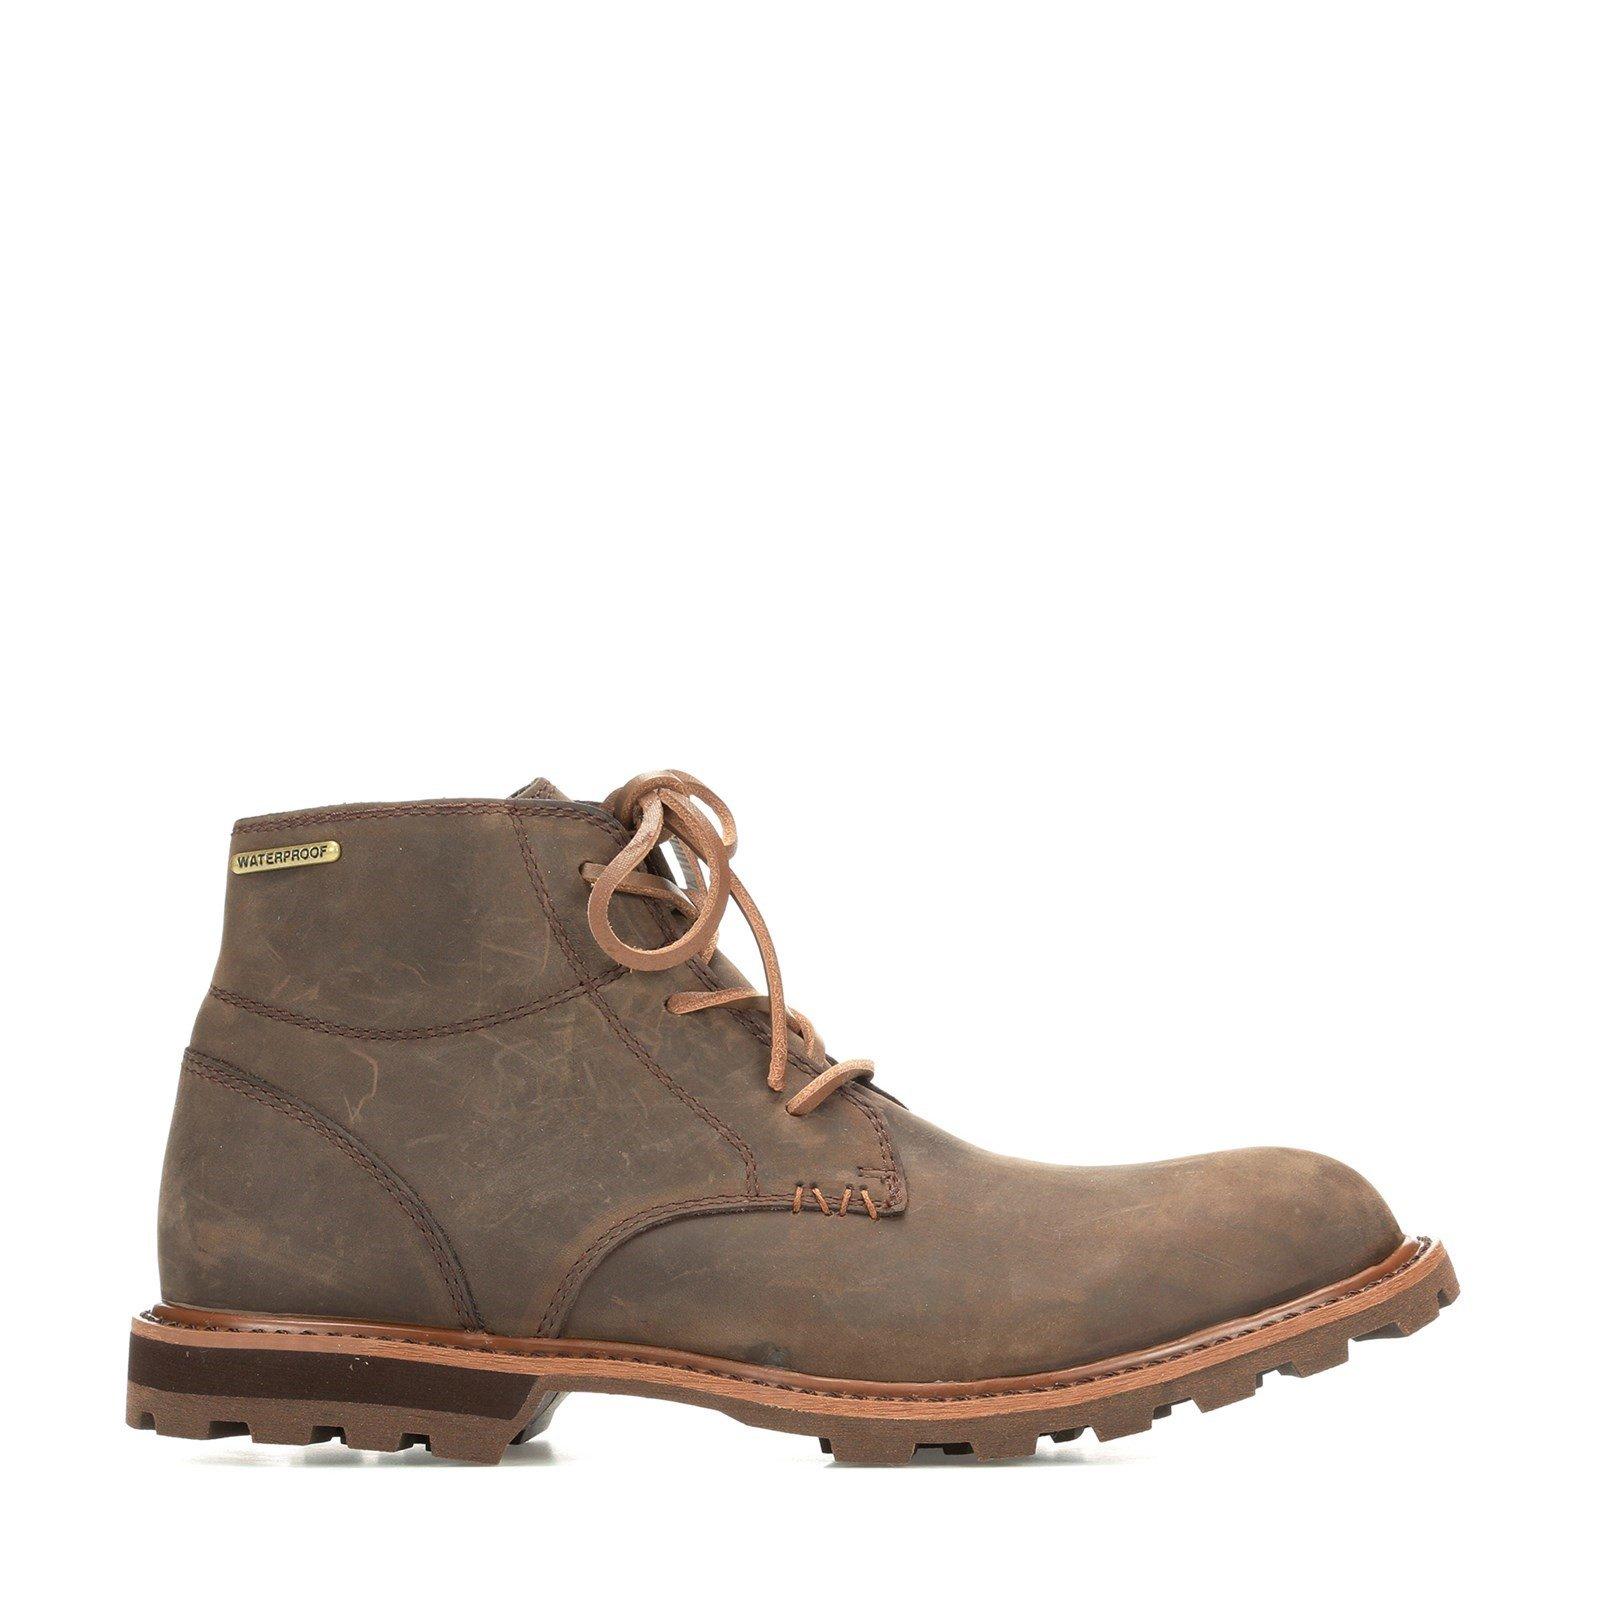 Muck Boots Men's Freeman Boot 31761 - Brown 6